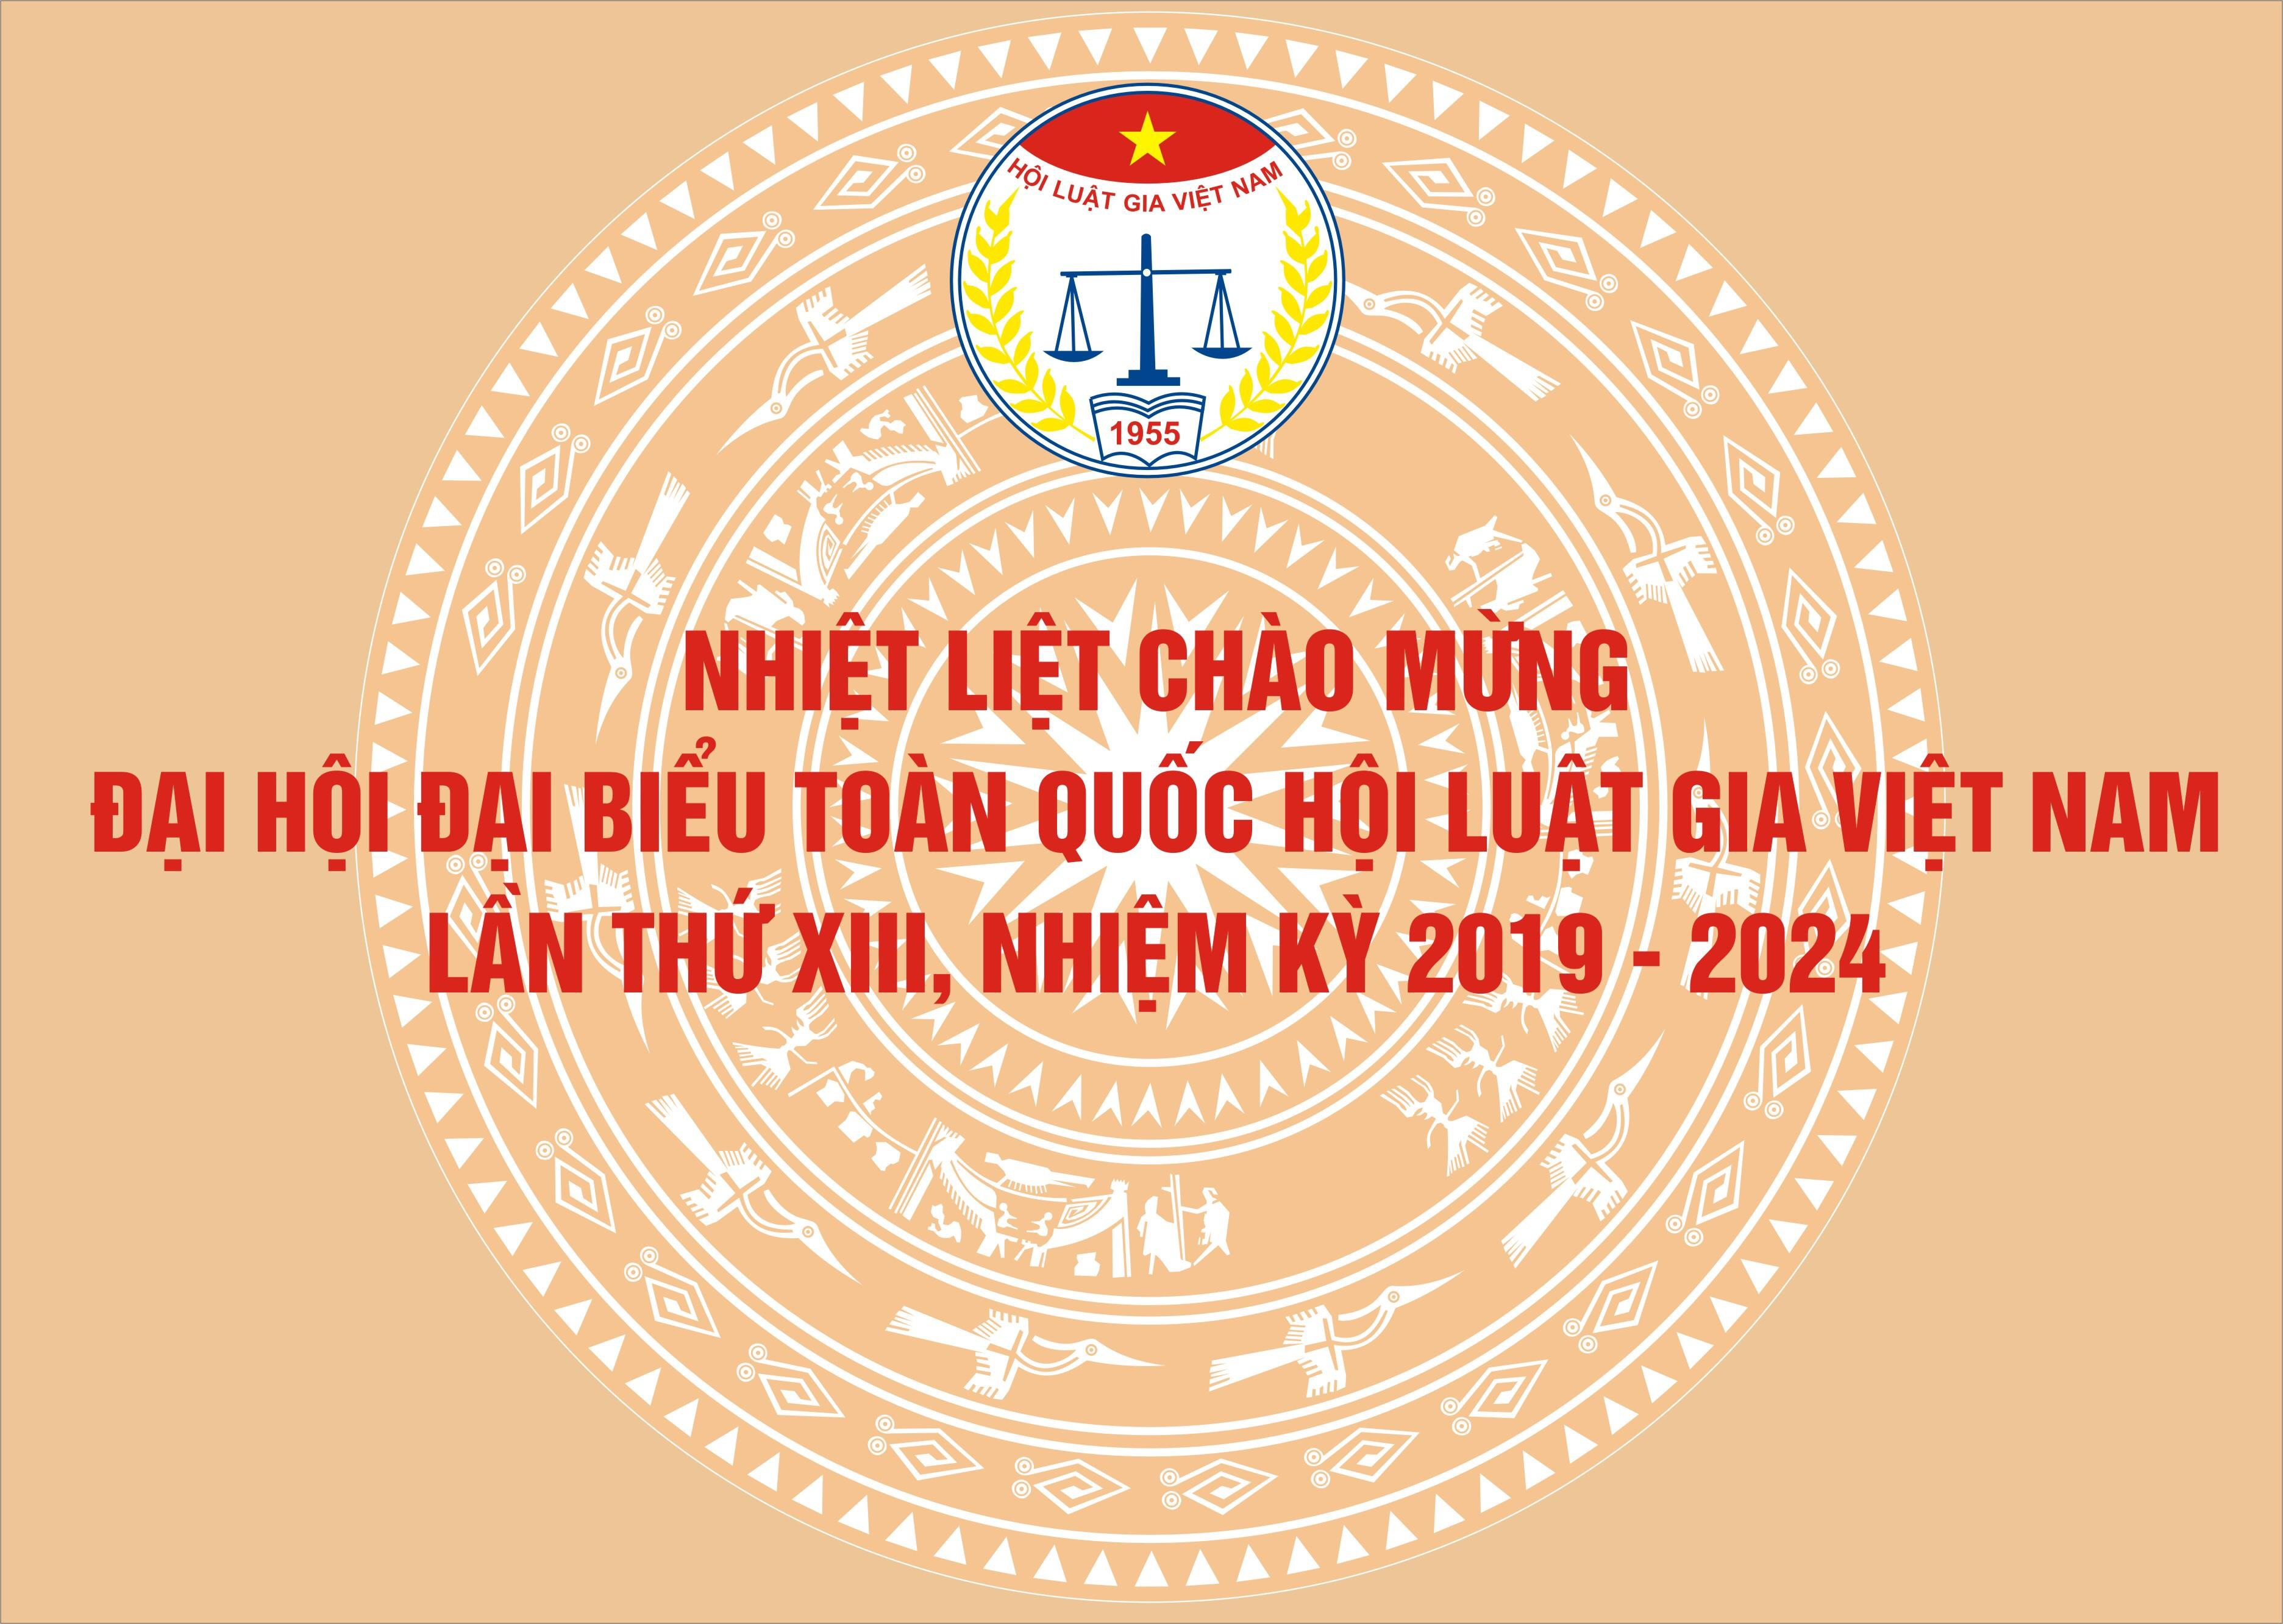 THÔNG CÁO BÁO CHÍ ĐẠI HỘI ĐẠI BIỂU TOÀN QUỐC HỘI LUẬT GIA VIỆT NAM LẦN THỨ XIII (nhiệm kỳ 2019 - 2024)